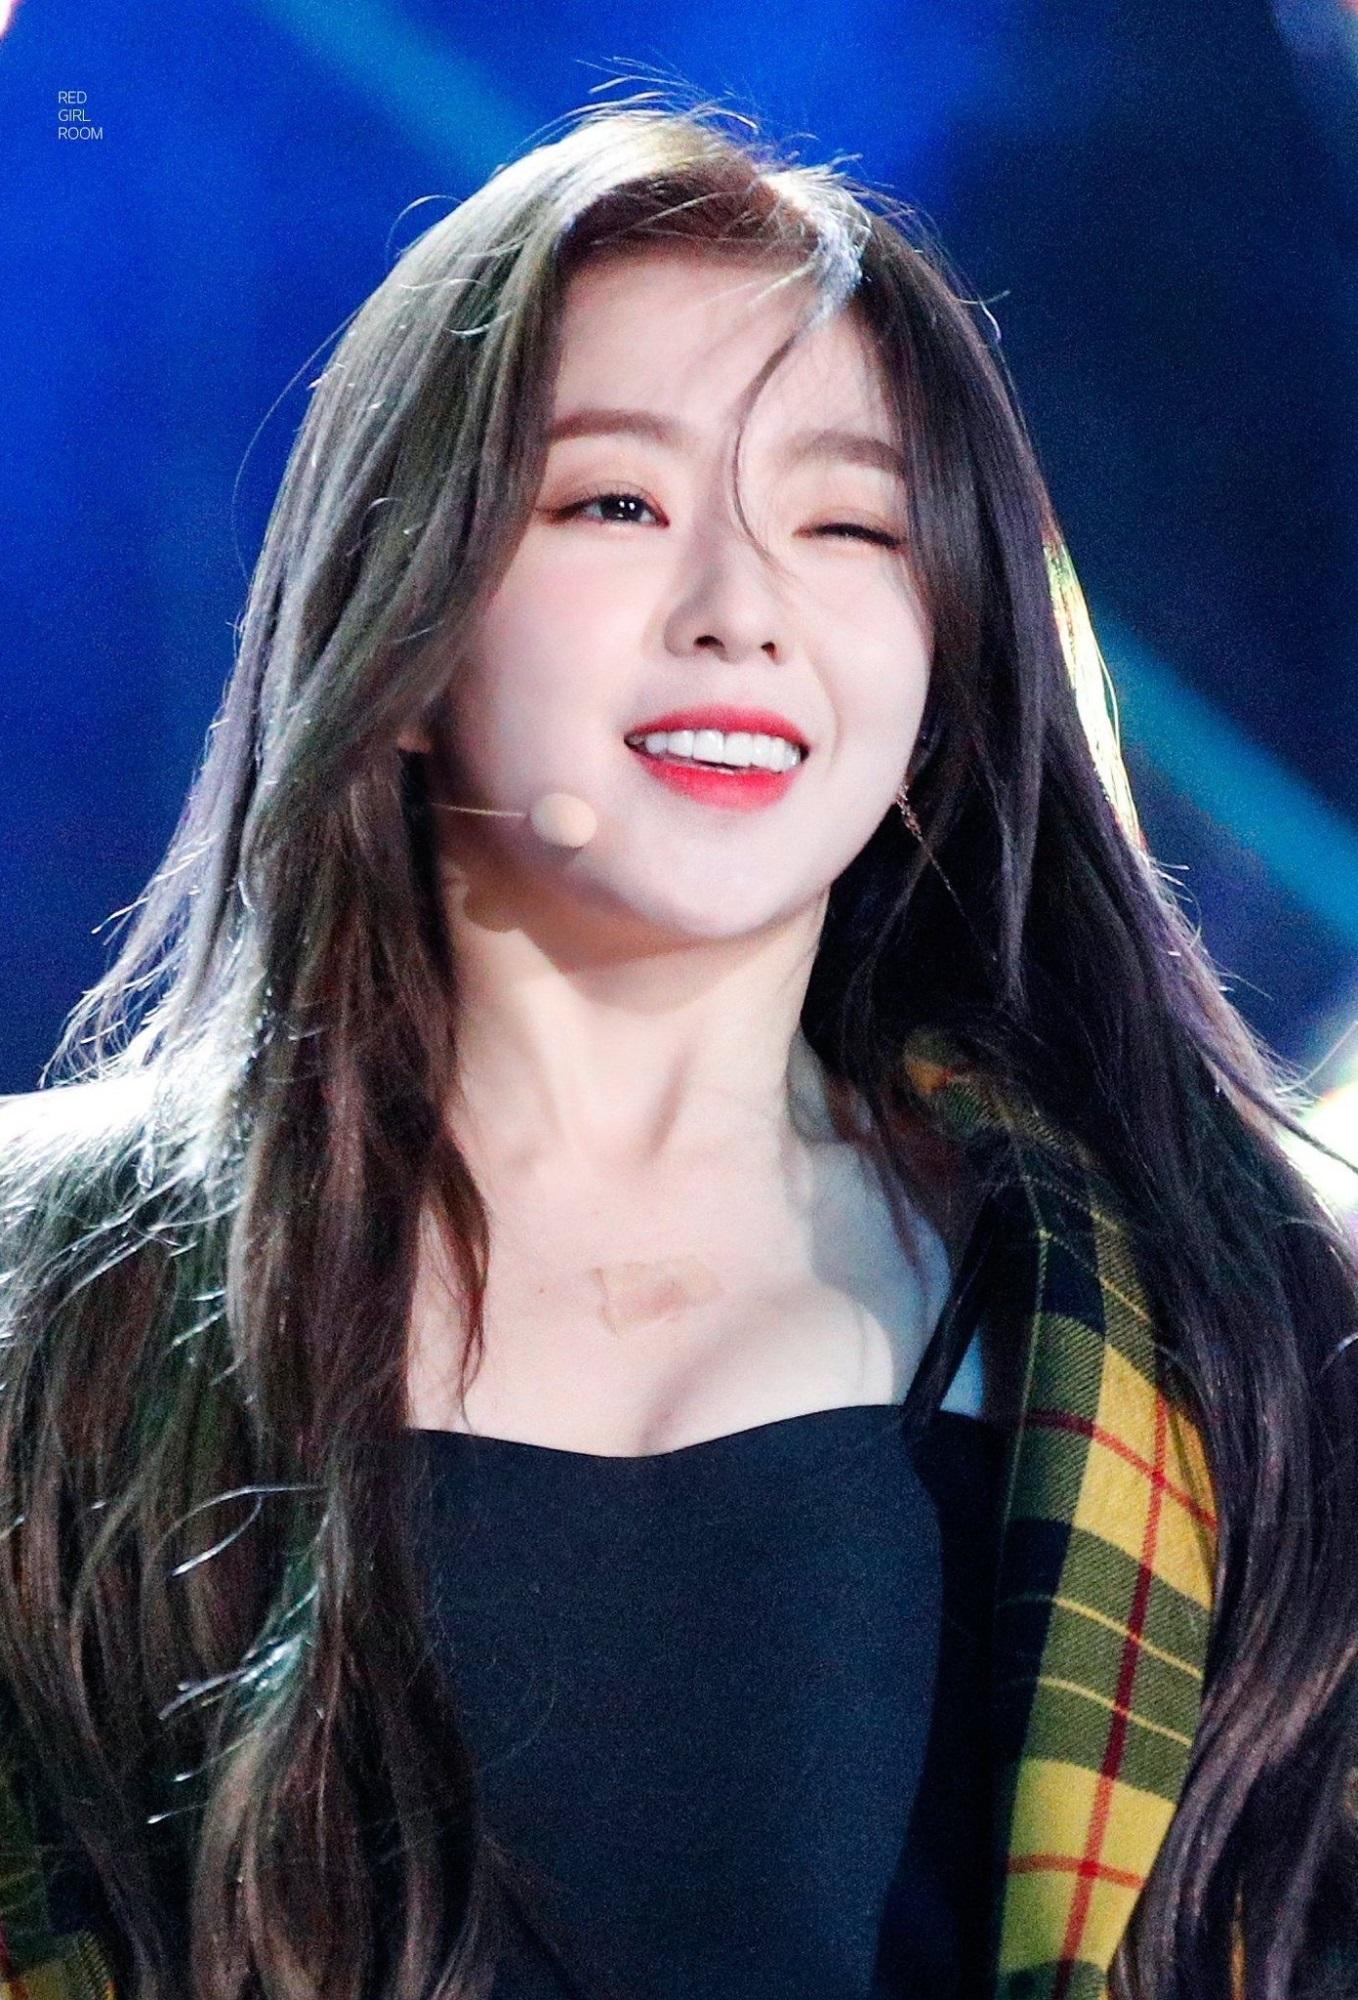 Nếu chung một lớp, những girlgroup Kpop sẽ là mẫu nữ sinh nào? - Ảnh 4